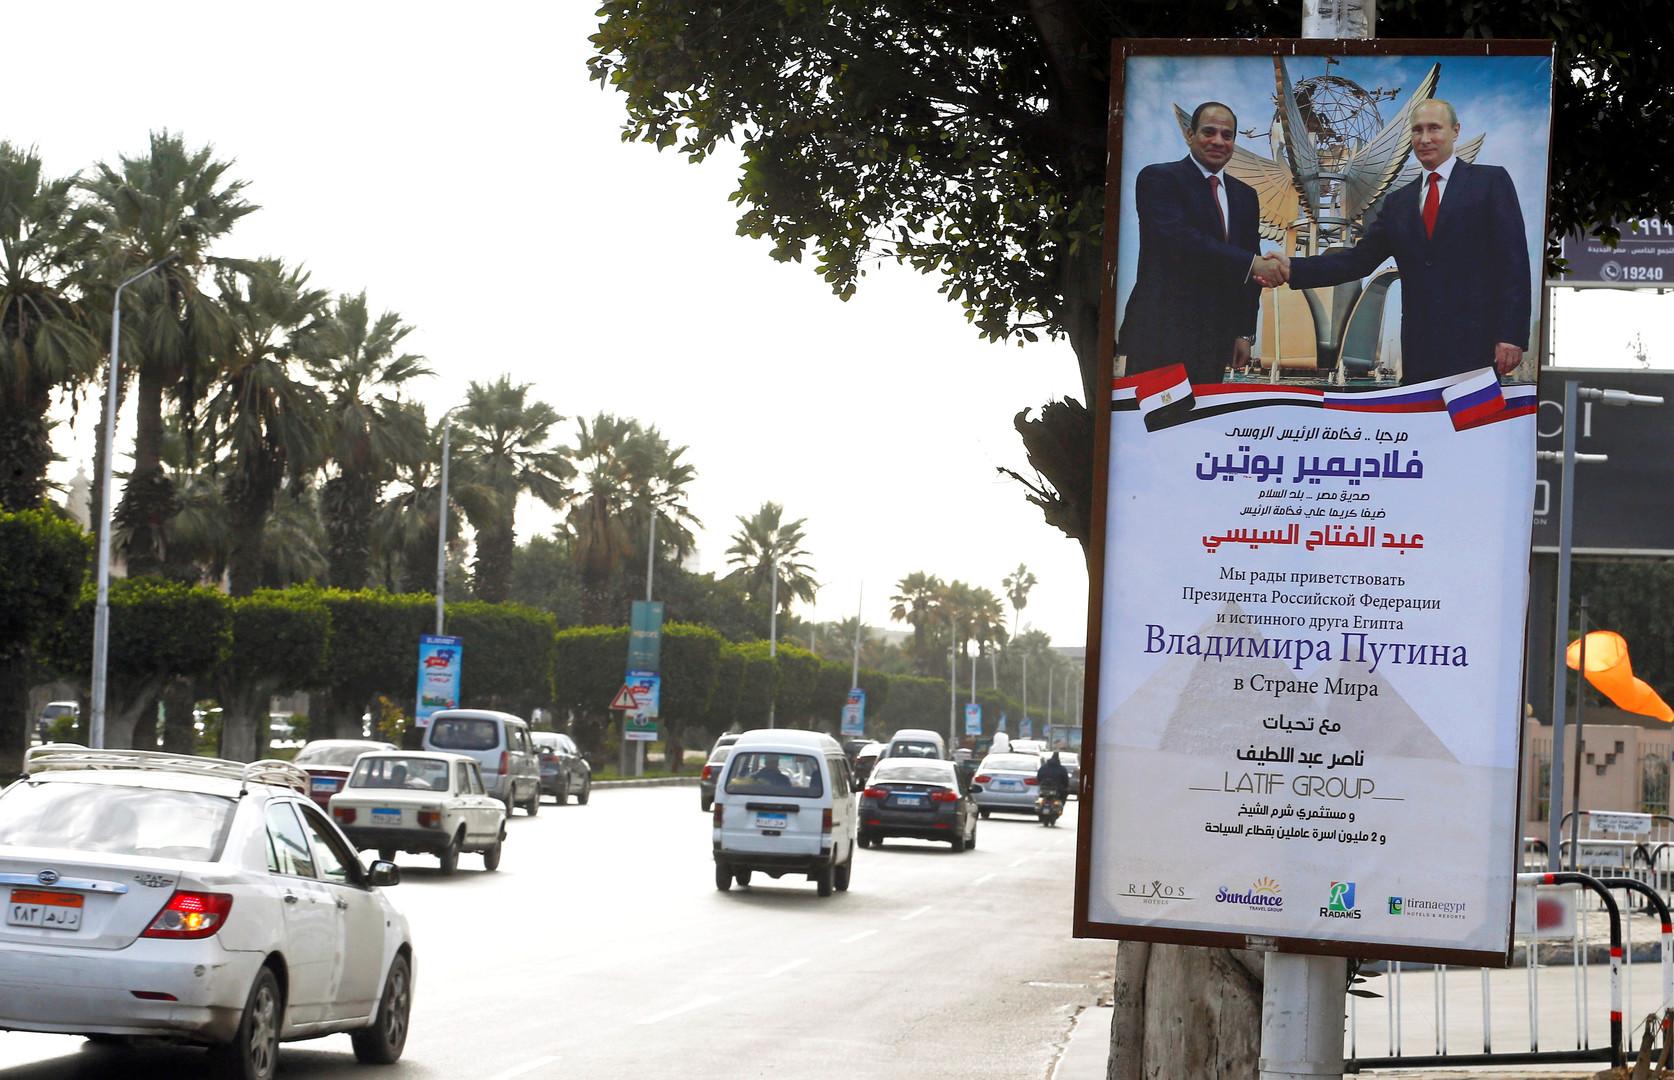 موسكو: وضع حجر الأساس لمحطة الضبعة الذرية في مصر سيتم قريبا